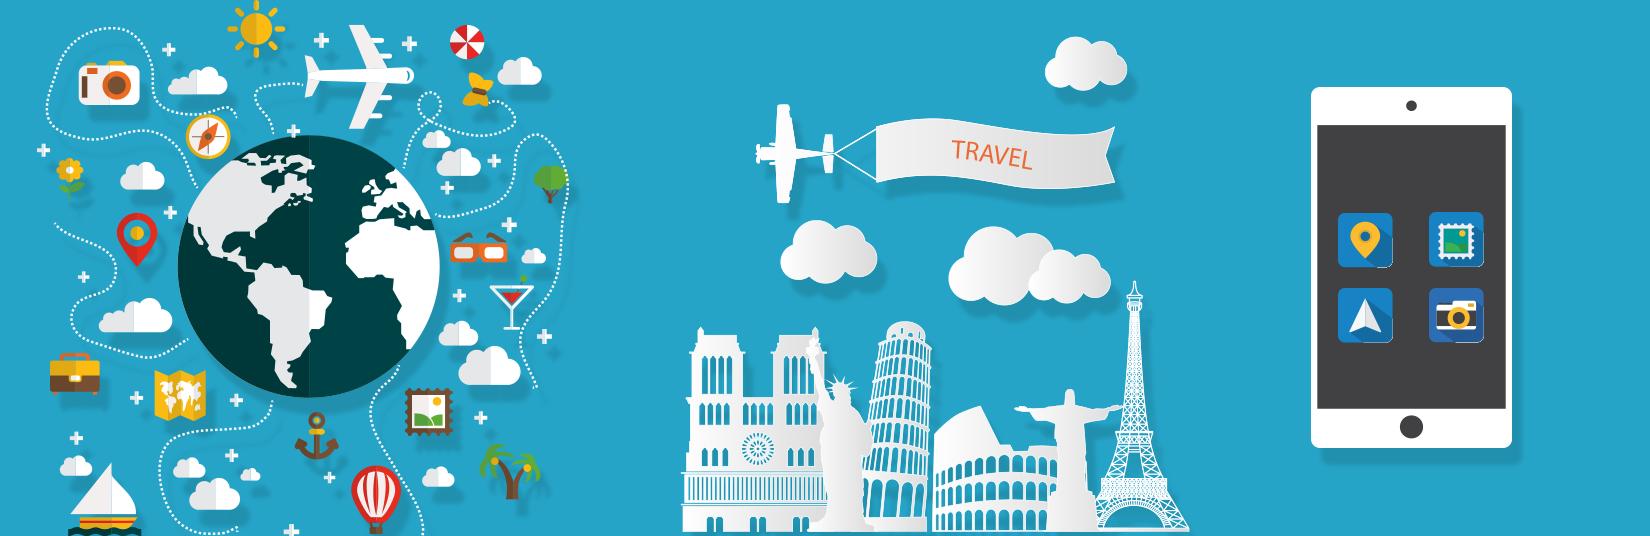 Top Mobile Travel App Development Trends in 2018